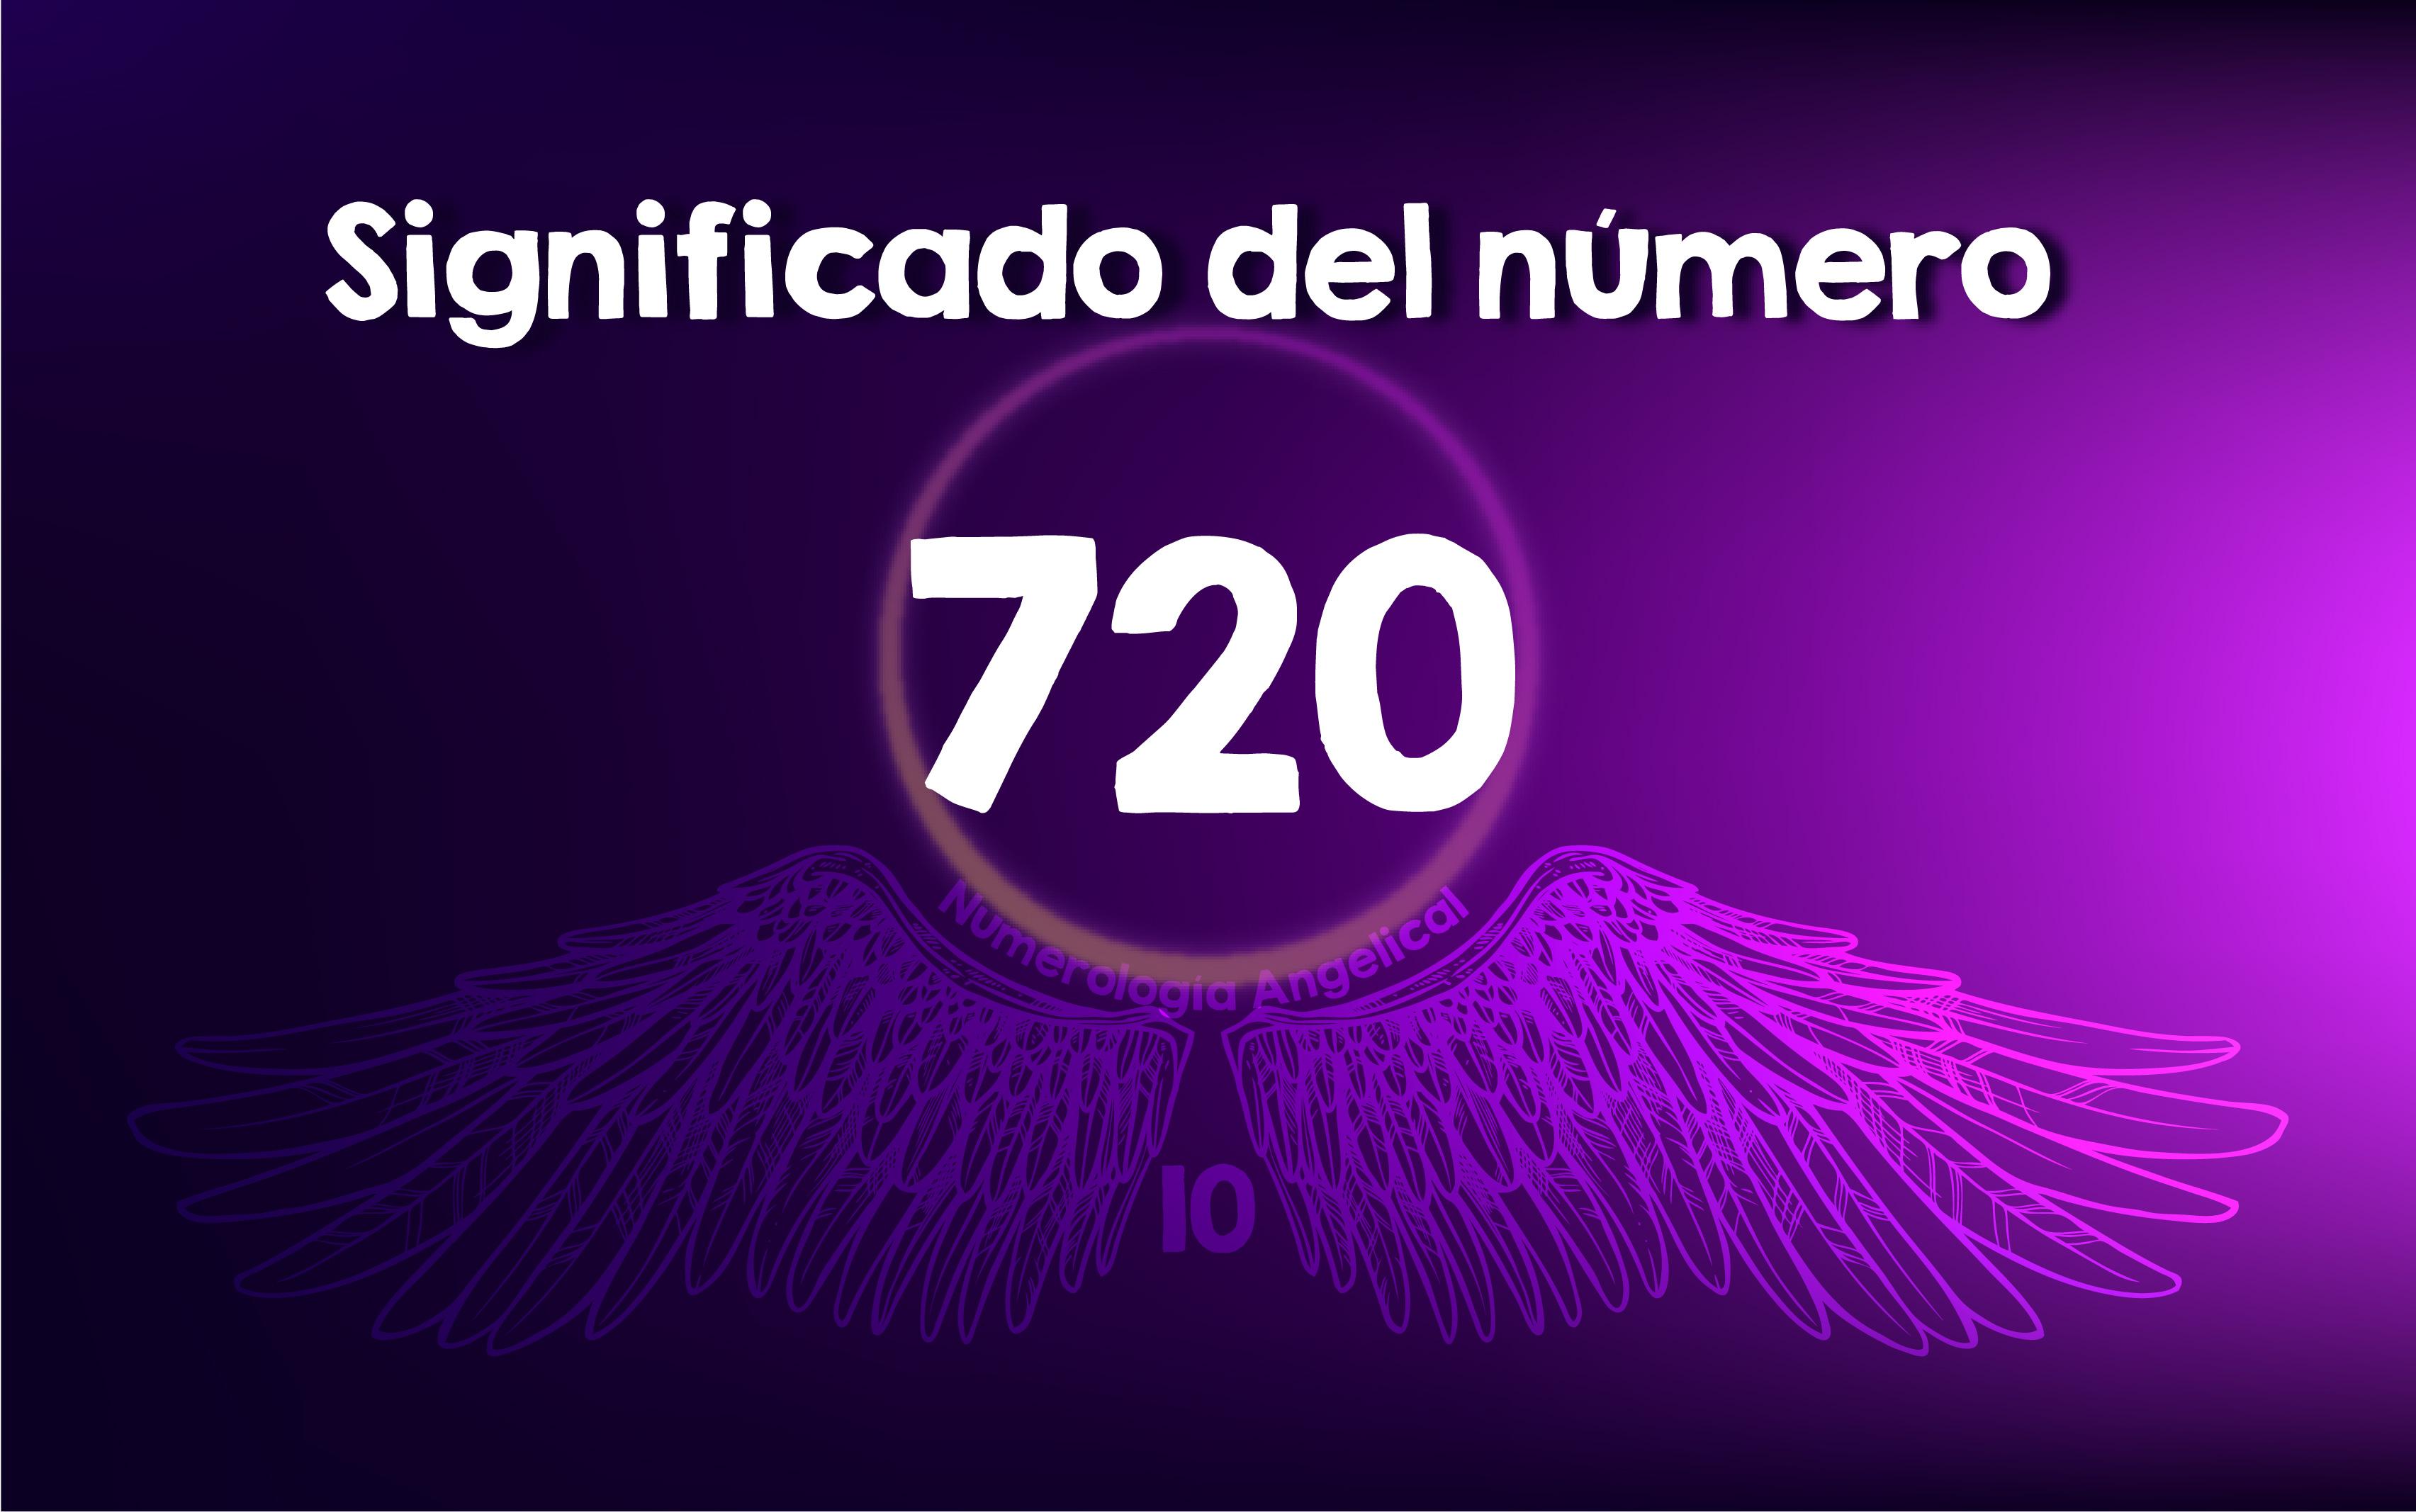 Significado del número 720